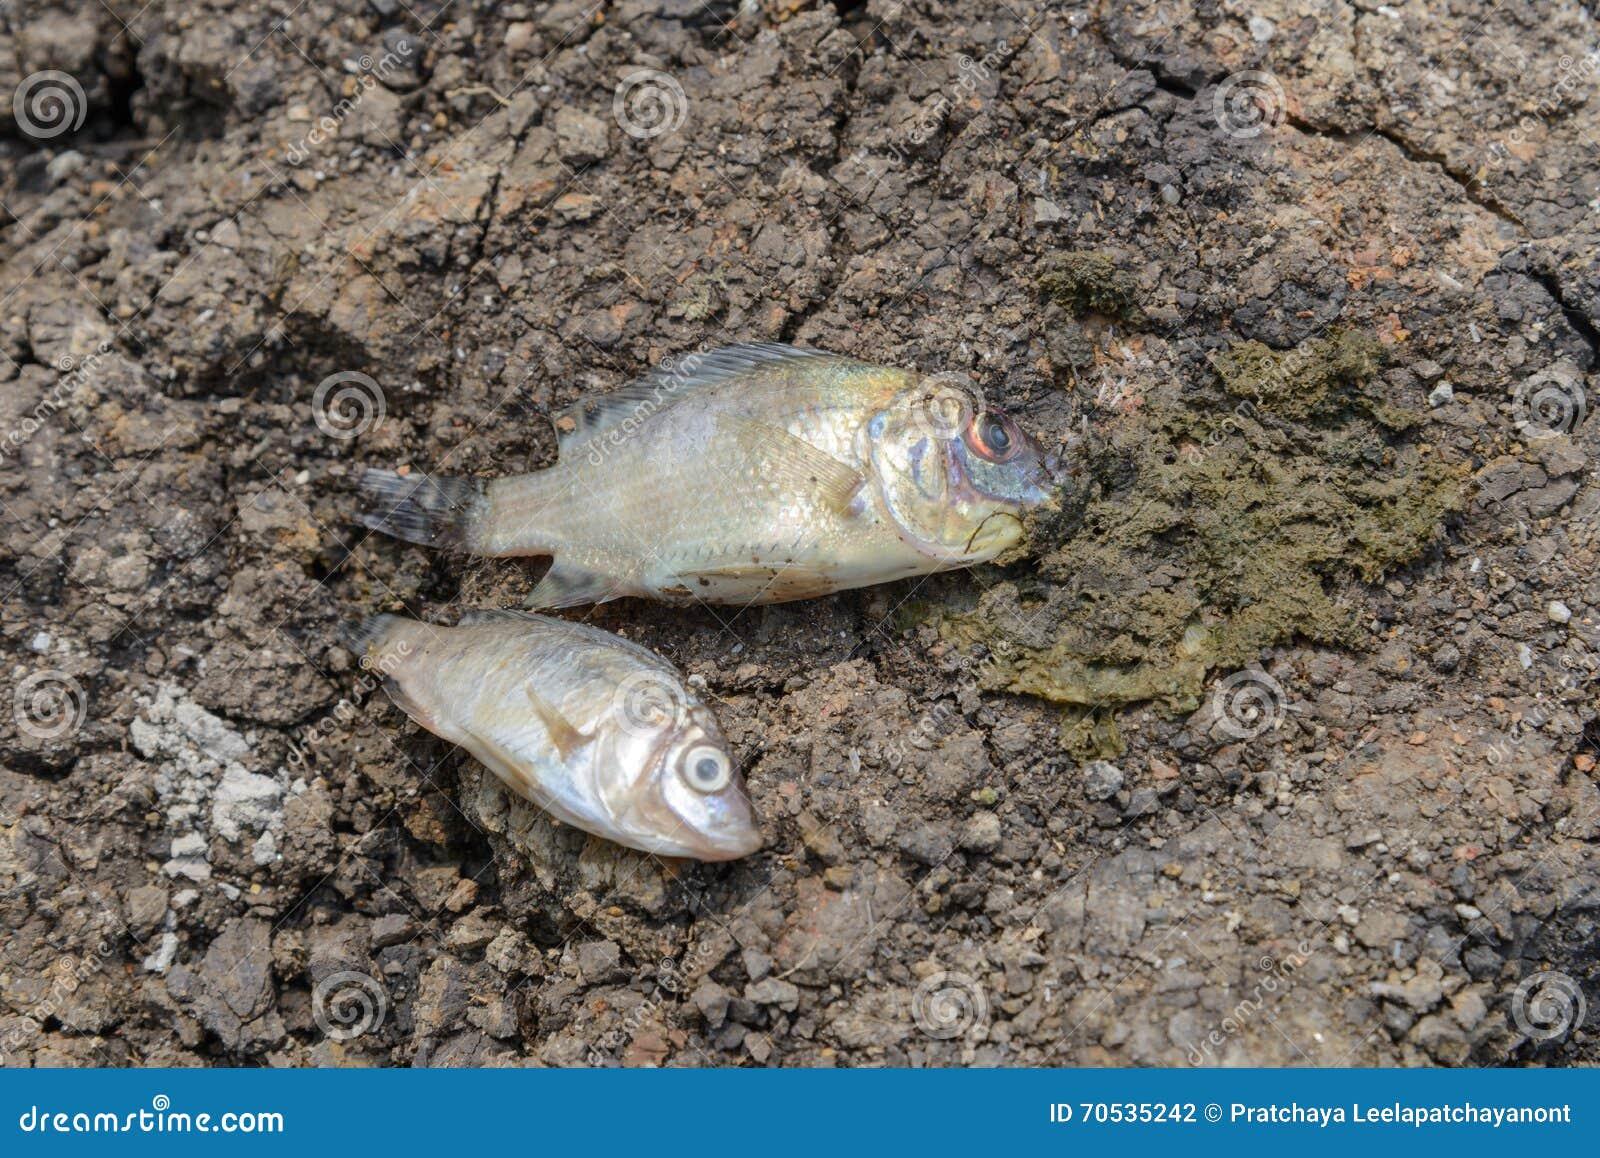 Τα ψάρια πέθαναν στη ραγισμένη γη, έννοια για την ξηρασία